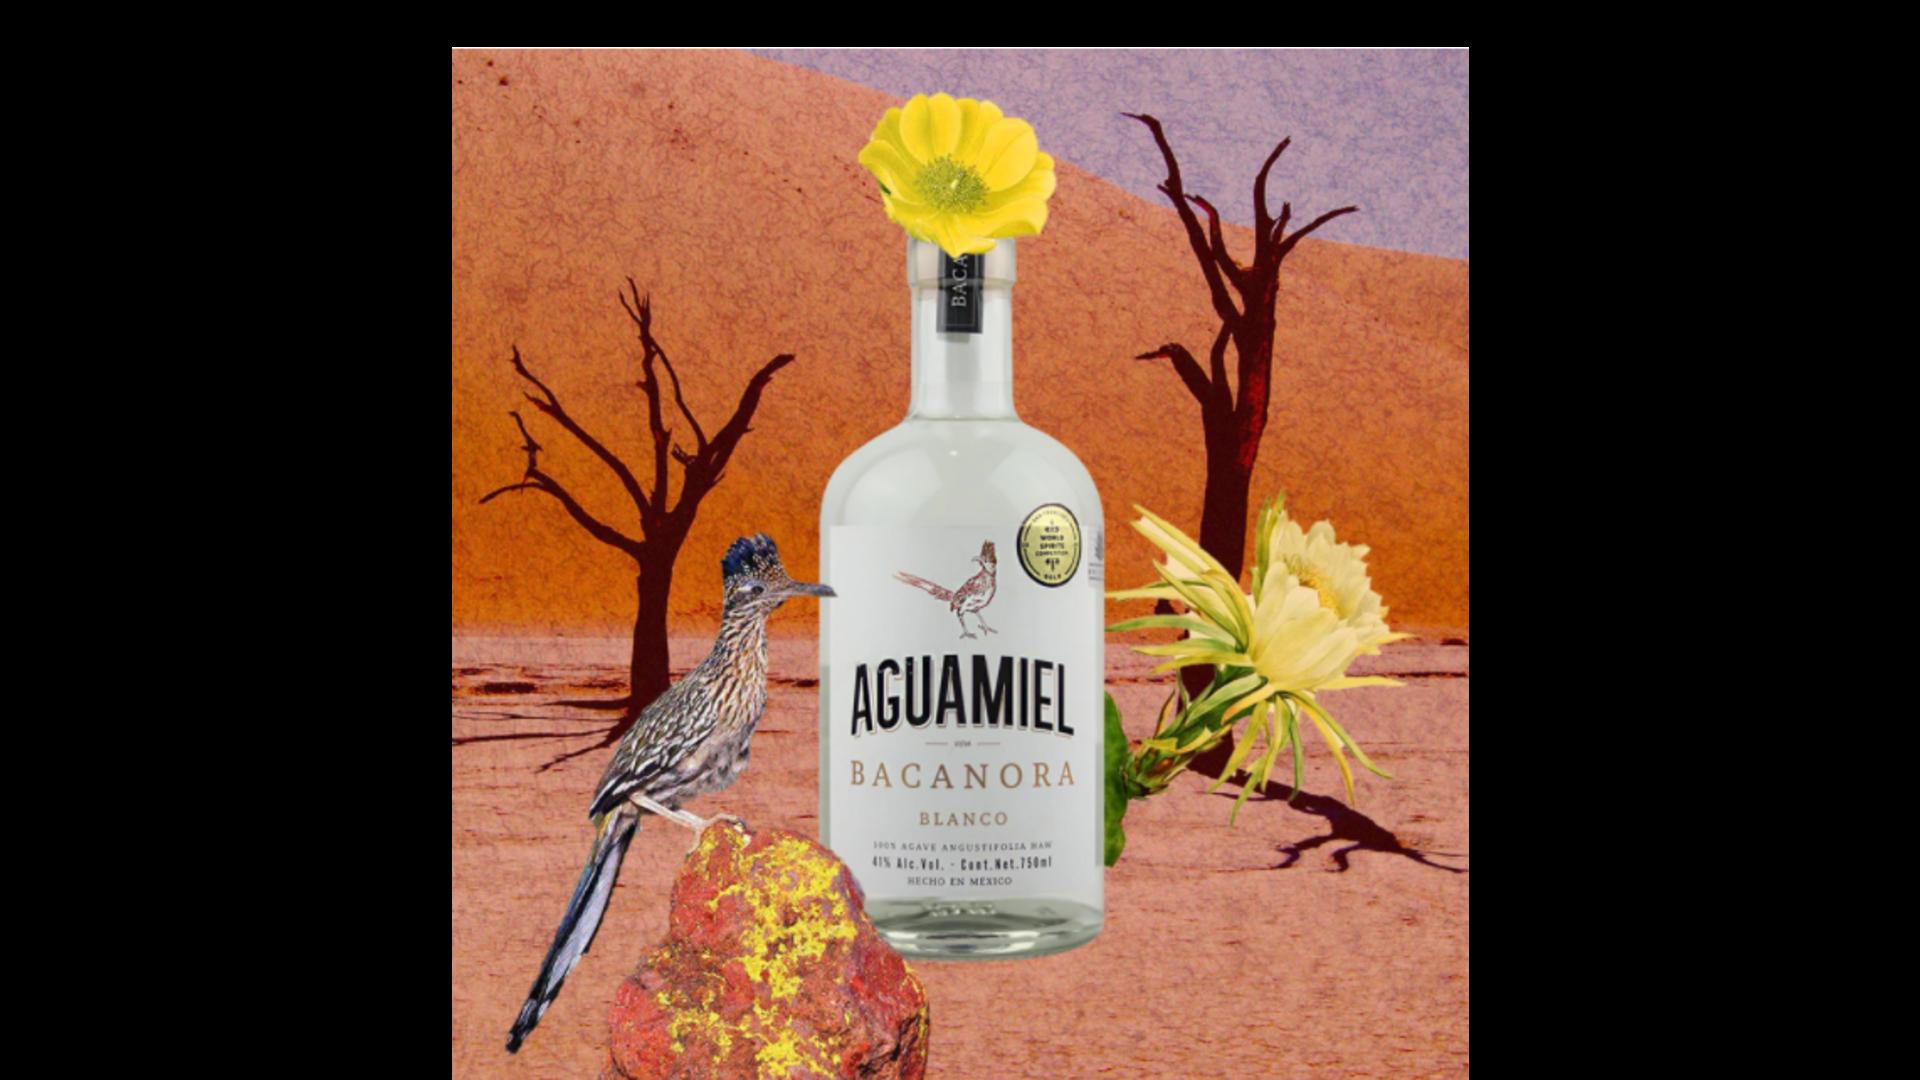 Bacanora Aguamiel